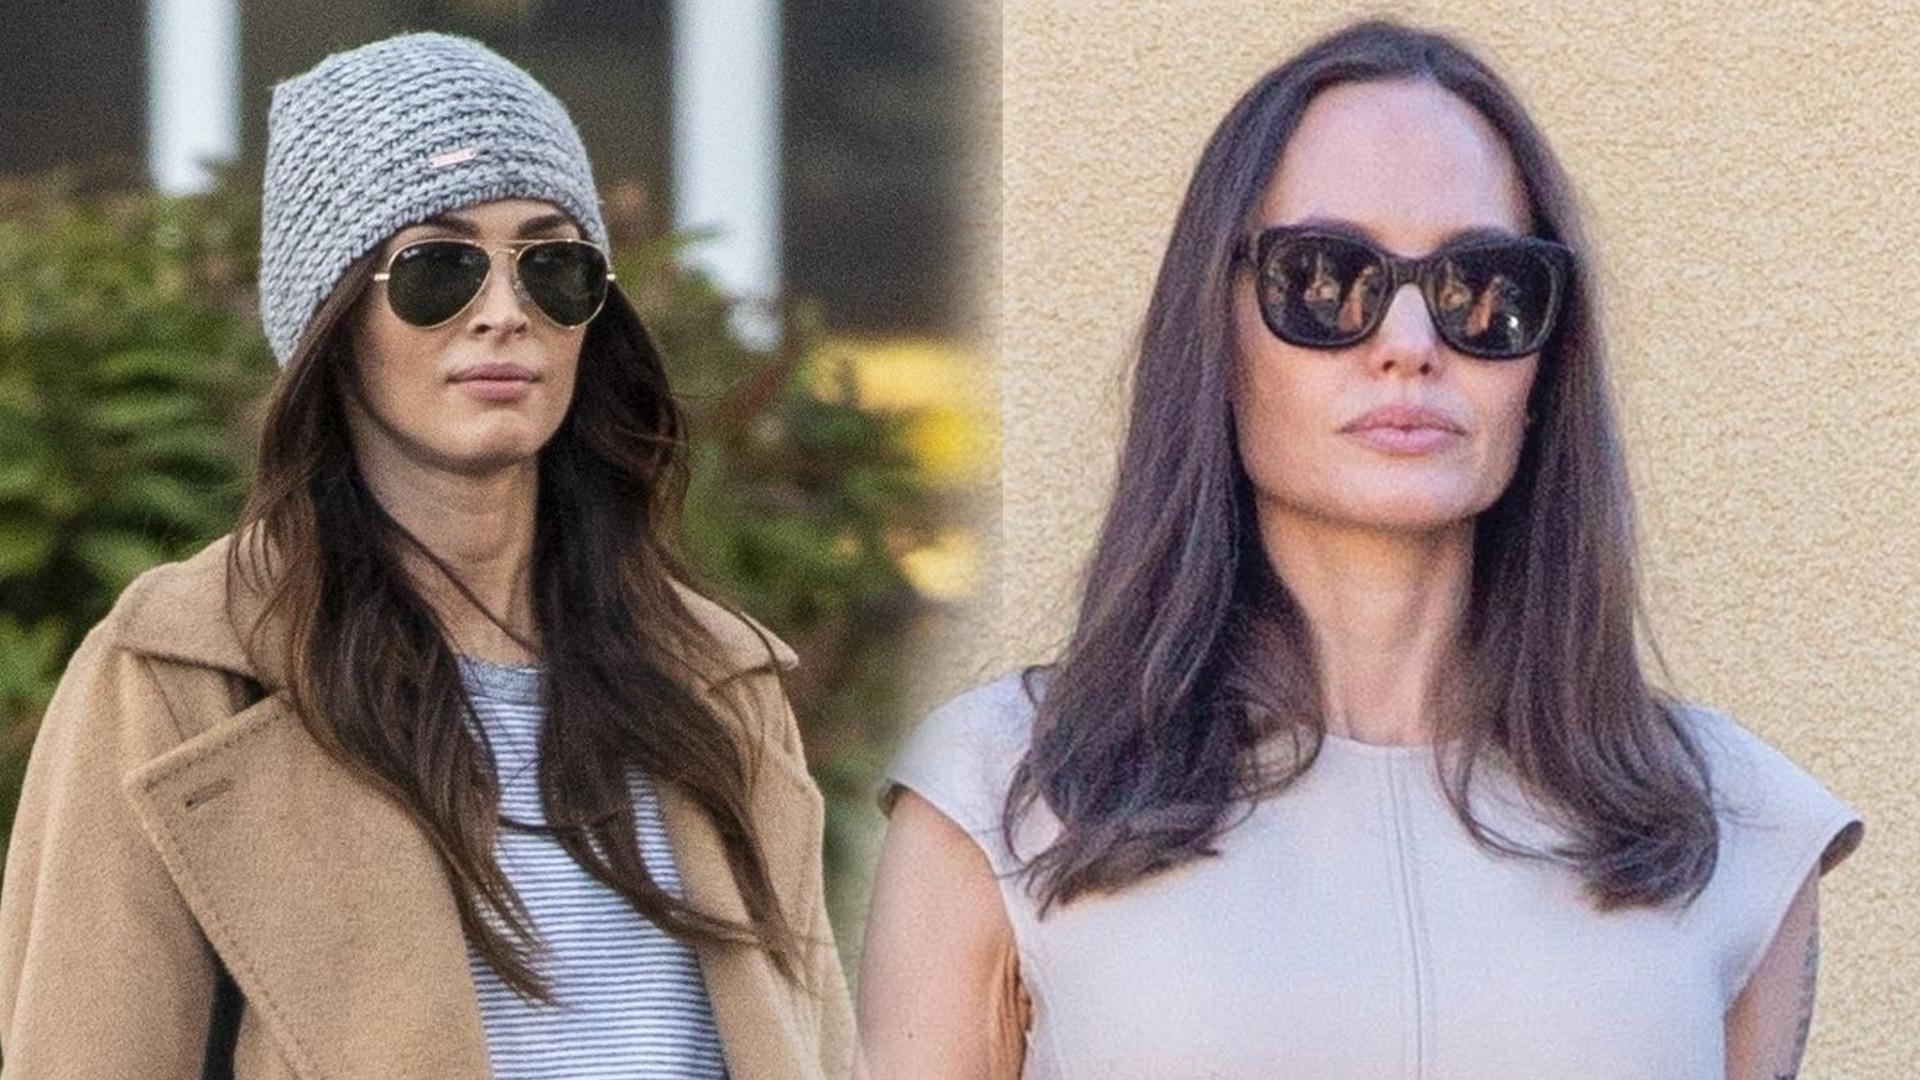 Meghan Fox przestała upodabniać się do Angeliny Jolie? Celebrytka stawia na sportowe stylizacje